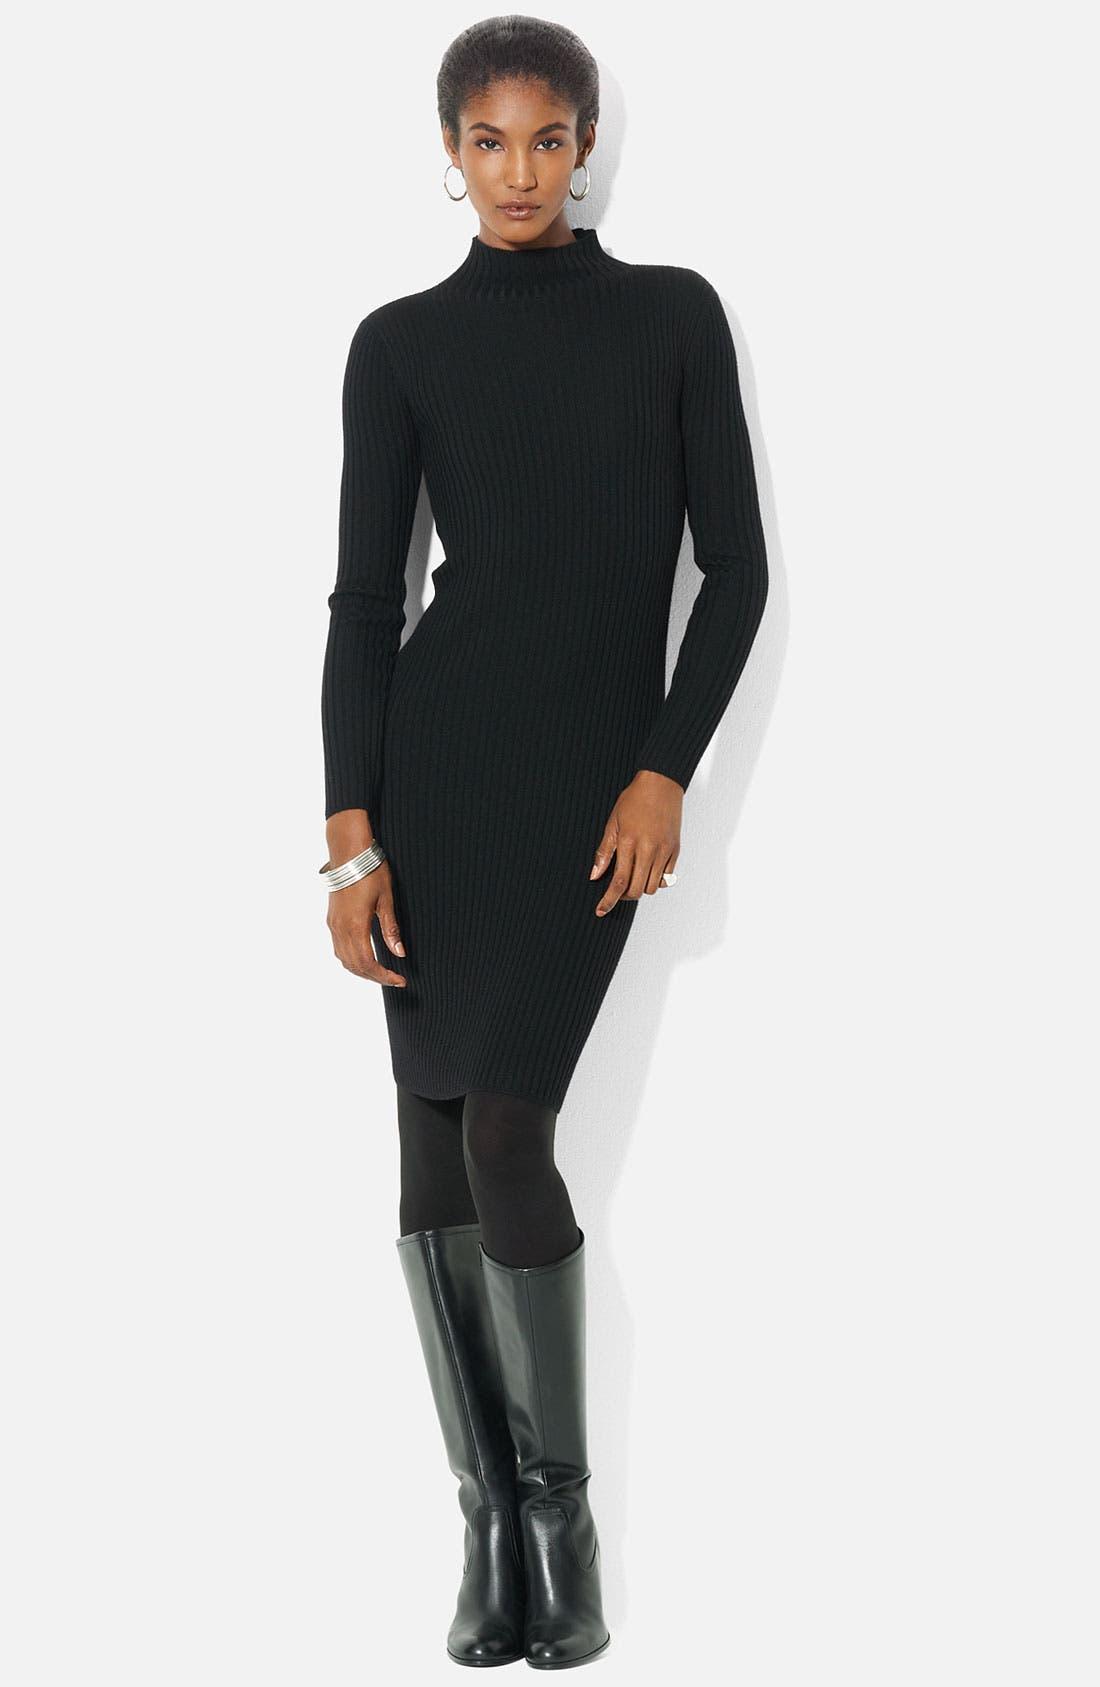 Alternate Image 1 Selected - Lauren Ralph Lauren Mock Neck Merino Dress (Petite)